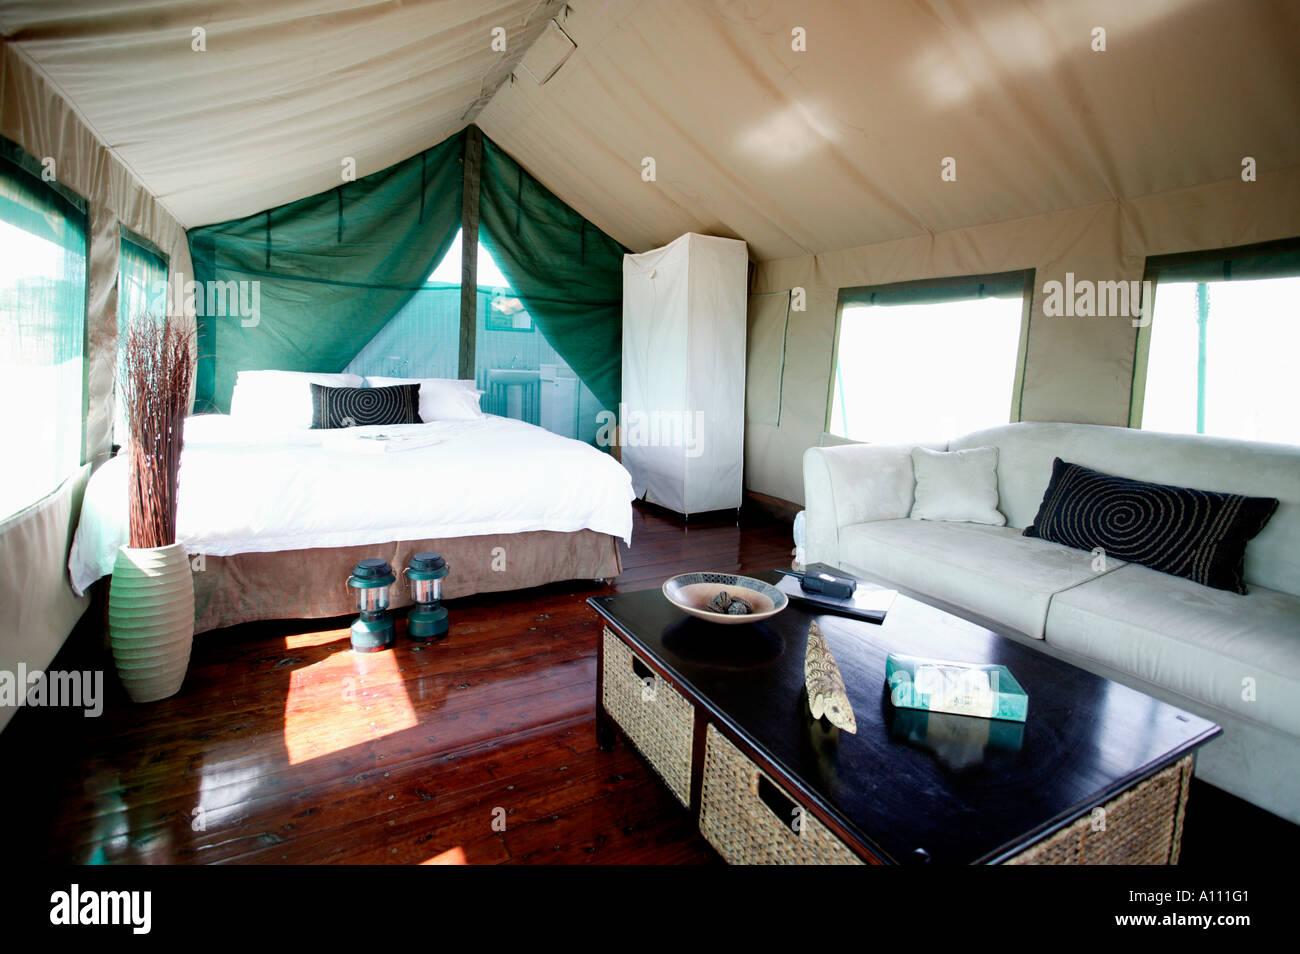 Luxury tent in Gunya Titjikala safari resort near Alice Springs Red Centre Central Australia & Luxury tent in Gunya Titjikala safari resort near Alice Springs ...